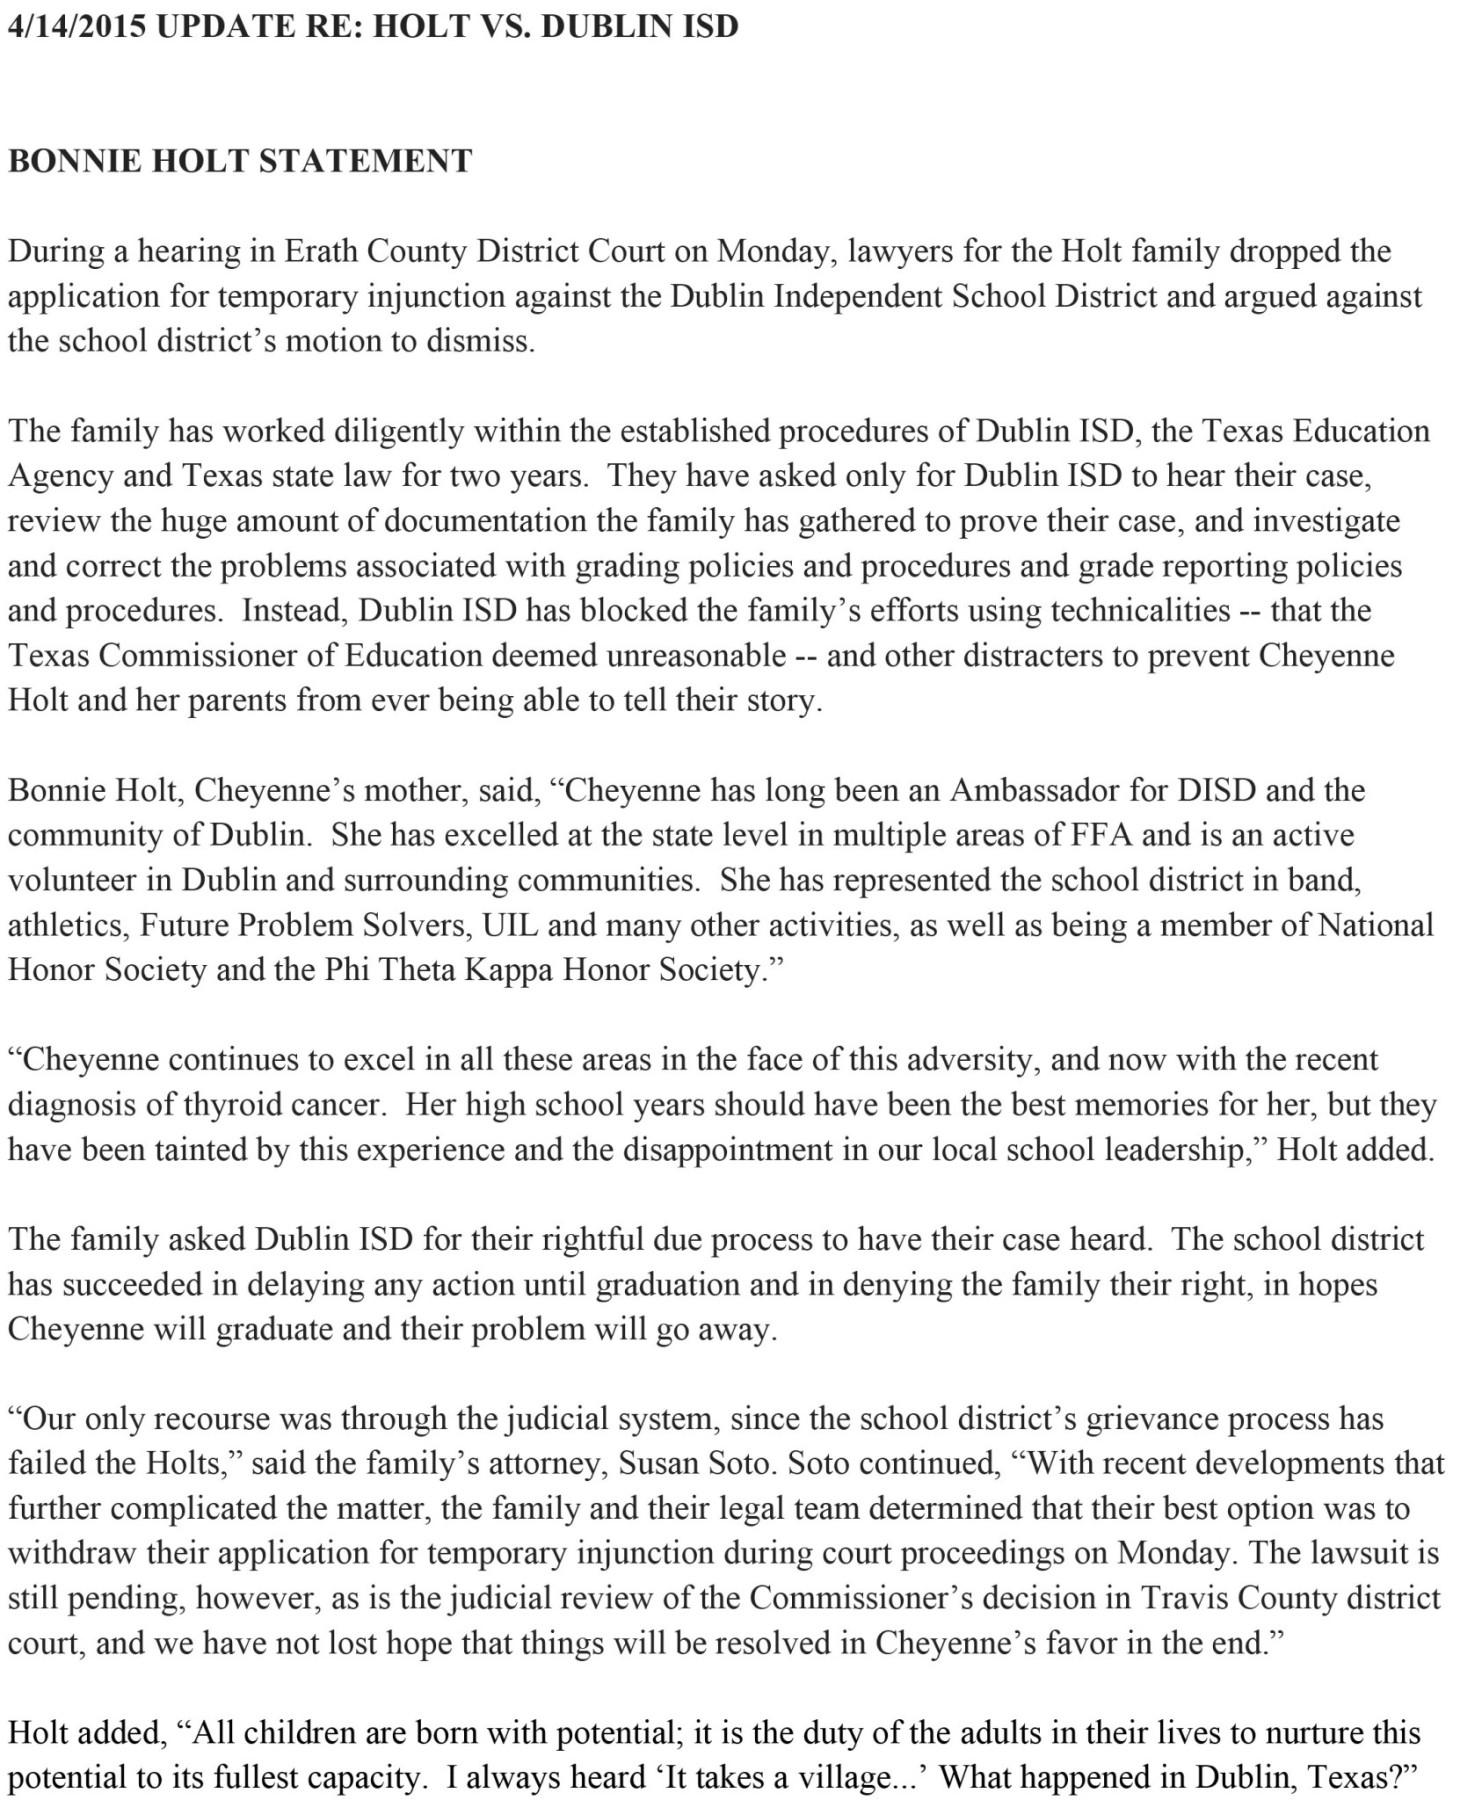 2015.04.14 Holt statement